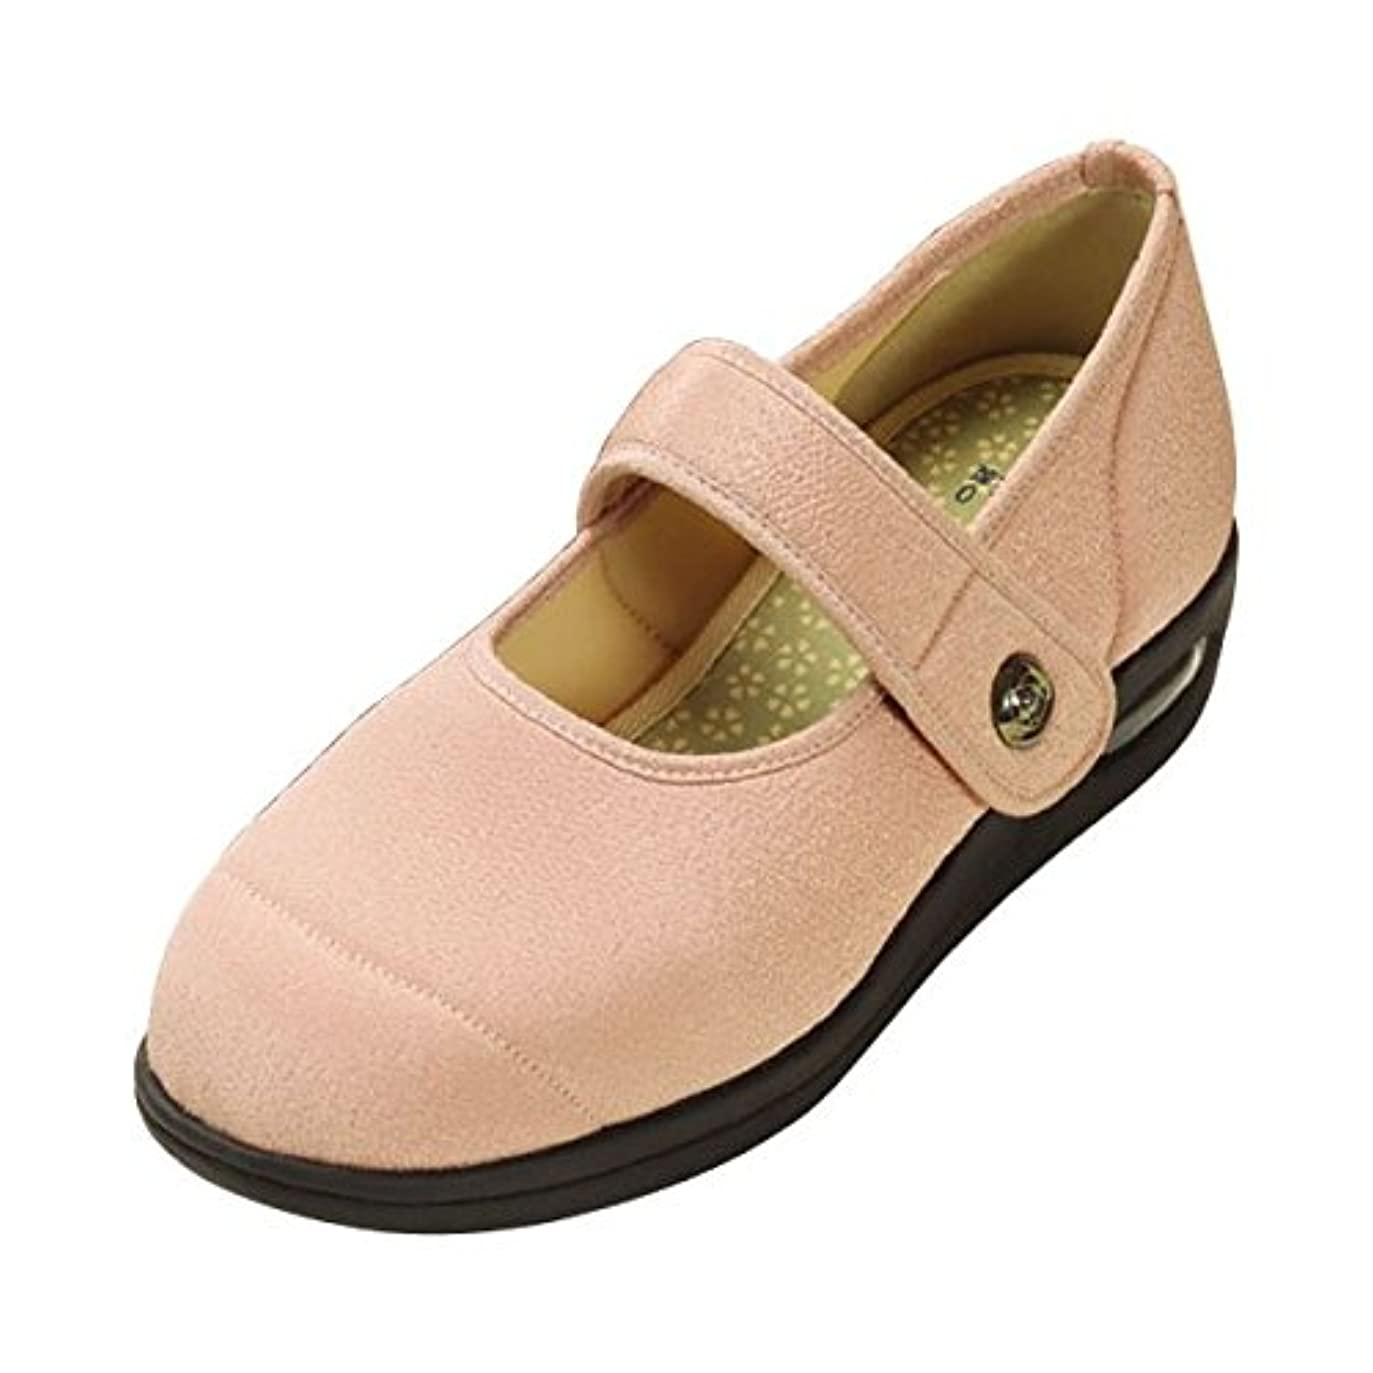 マリアンヌ製靴 彩彩~ちりめん~ W1101 婦人用 /23.0cm さくら ds-1431922